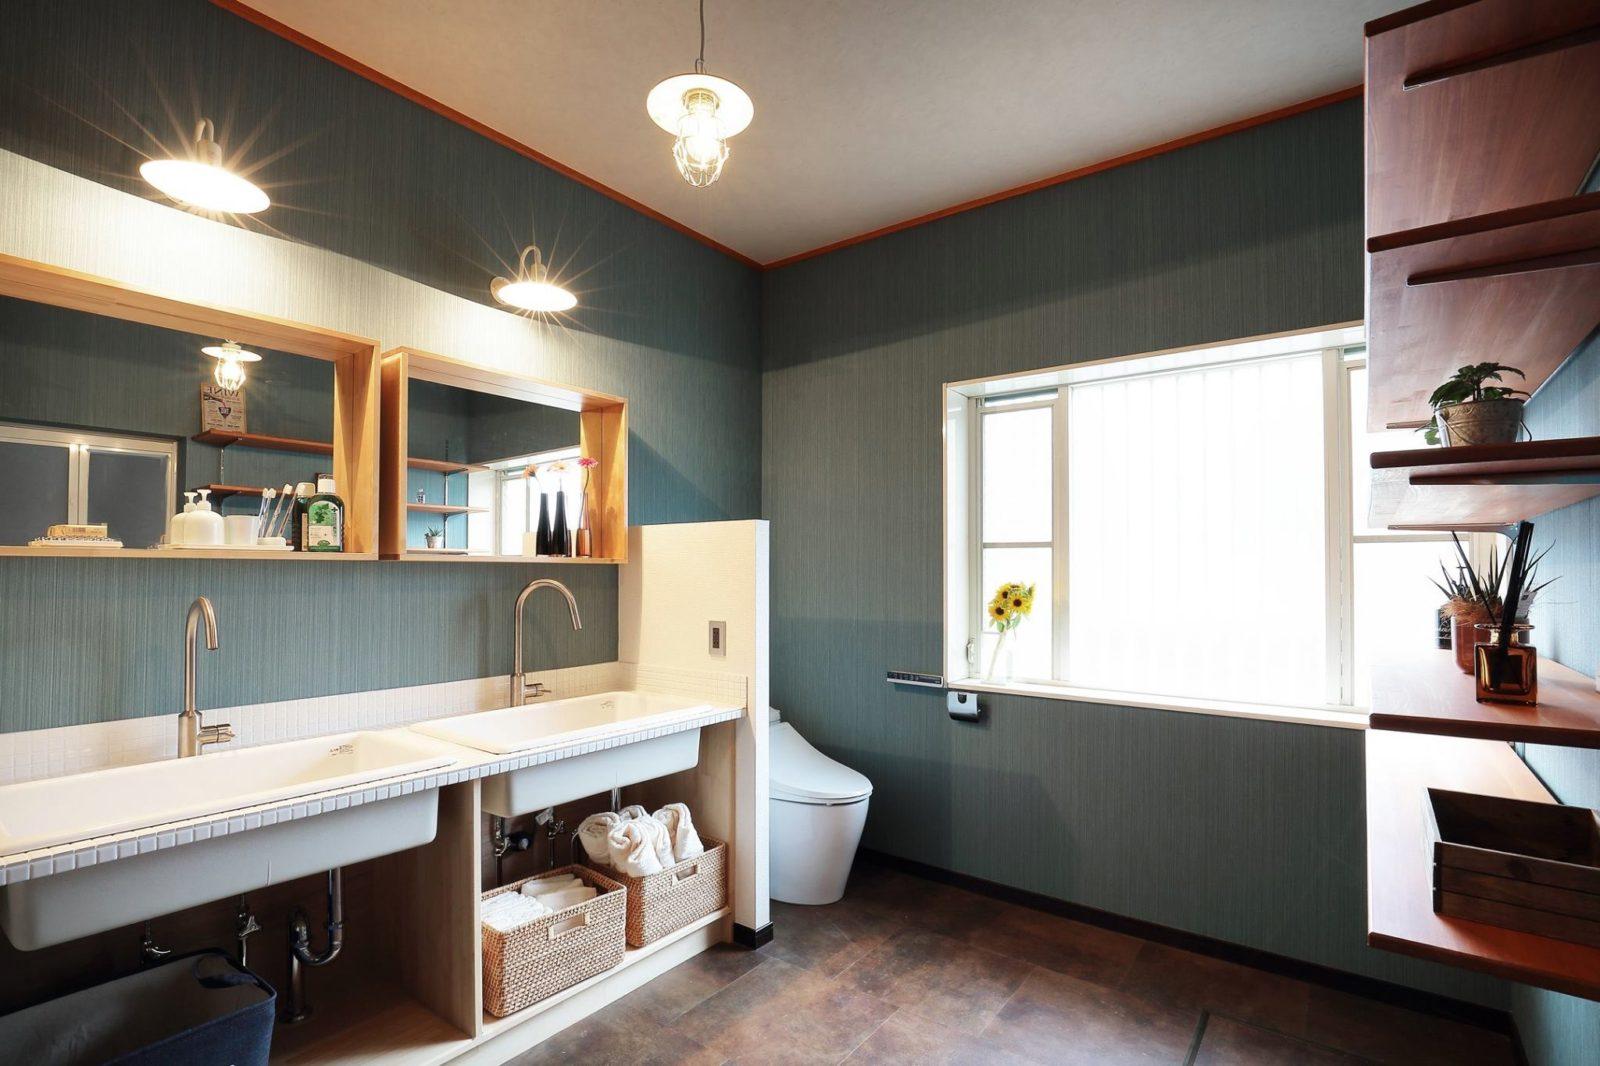 【洗面所】新規トイレ設置、造作洗面台、壁クロス、床フロアタイル